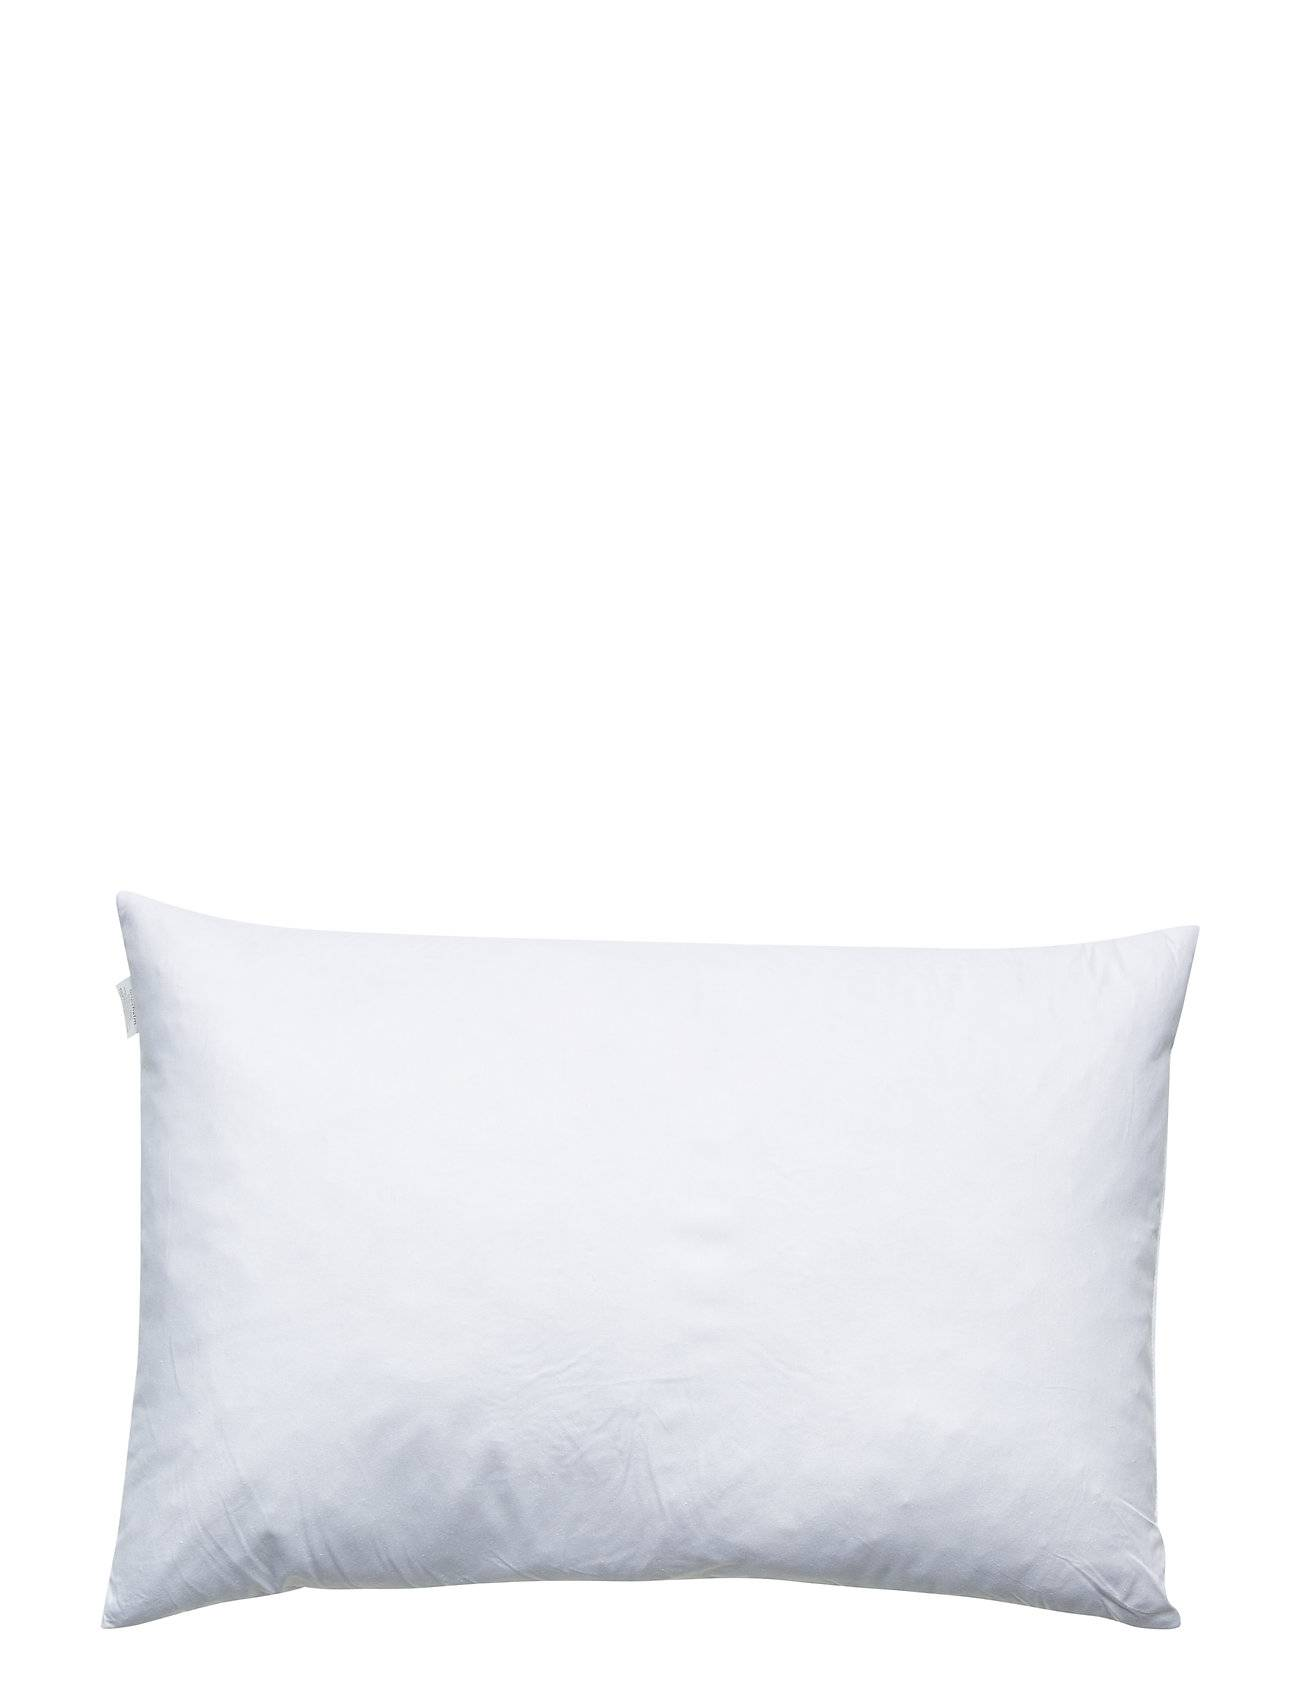 Gripsholm Inner Cushion Feather Tyyny Täkki Valkoinen Gripsholm